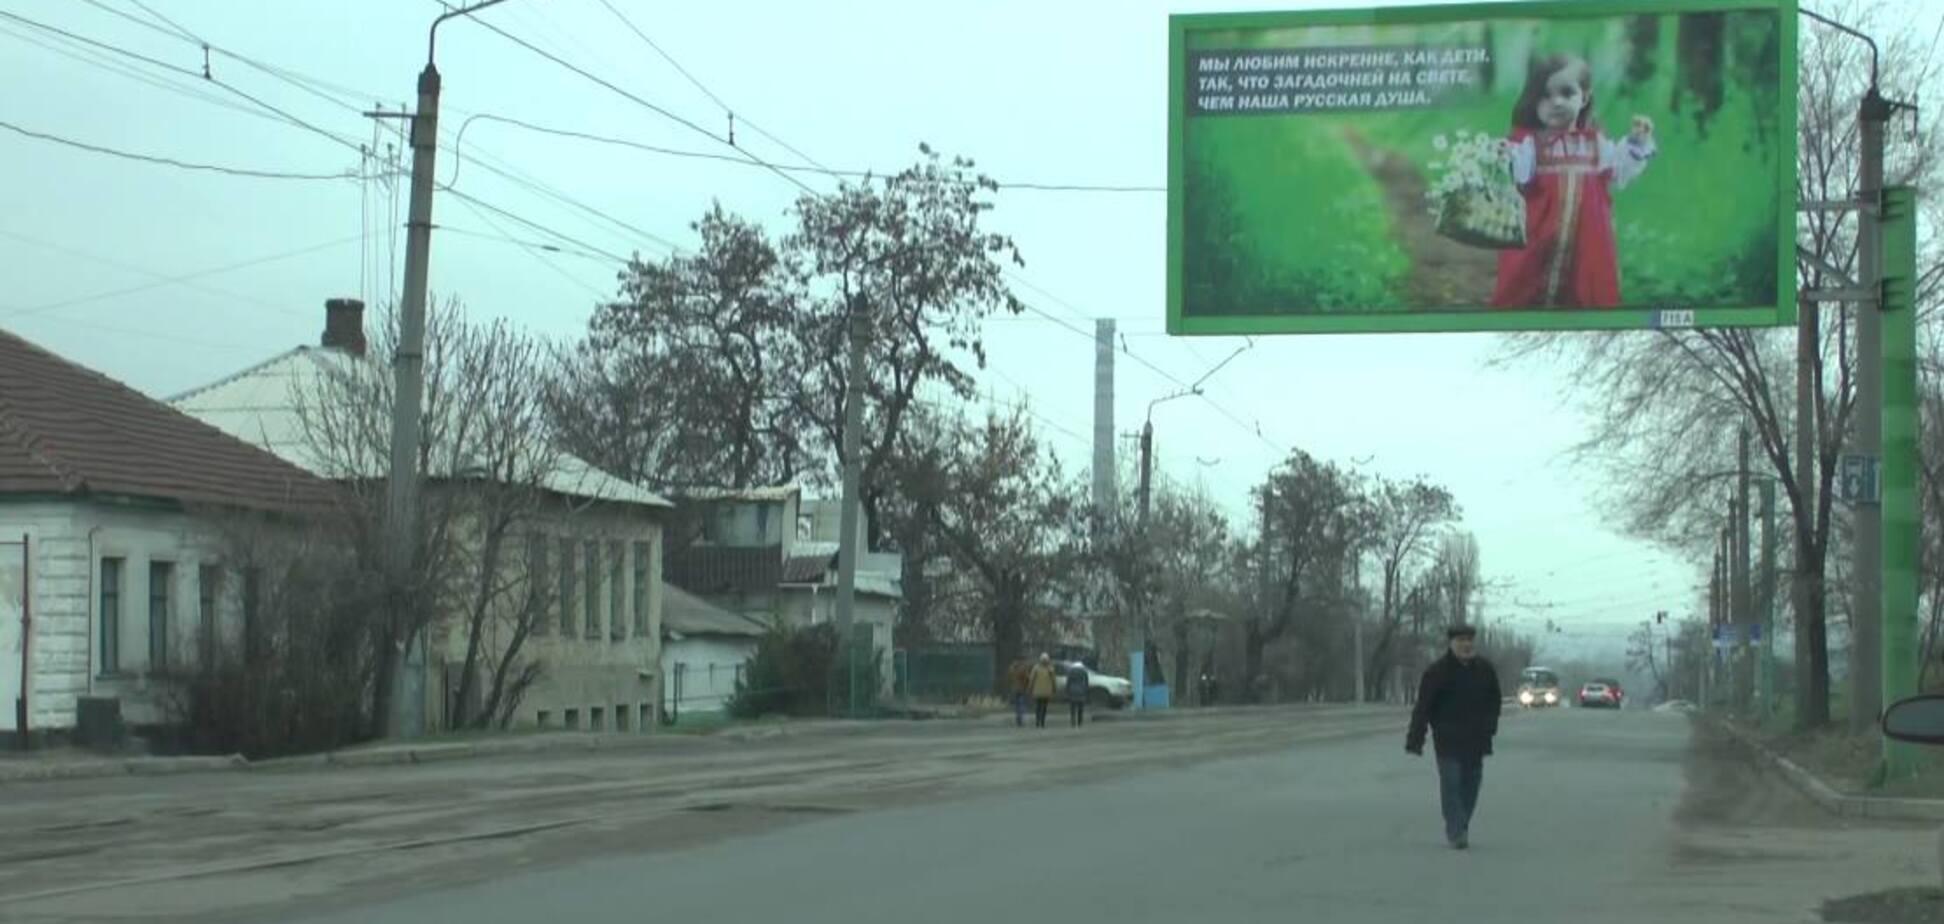 Это взрыв мозга: сеть привел в недоумение корявый бигборд из оккупированного Луганска